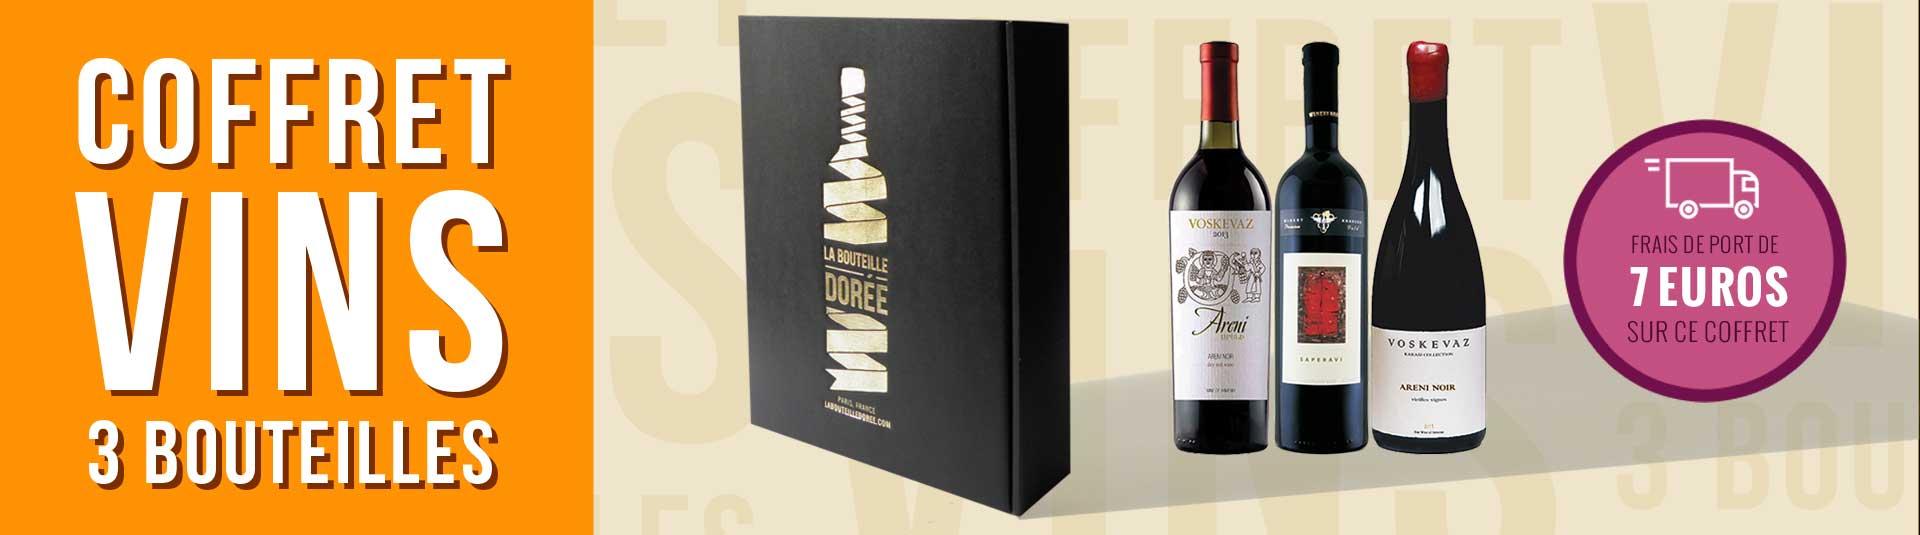 Coffret vin Caucase 3 bouteilles